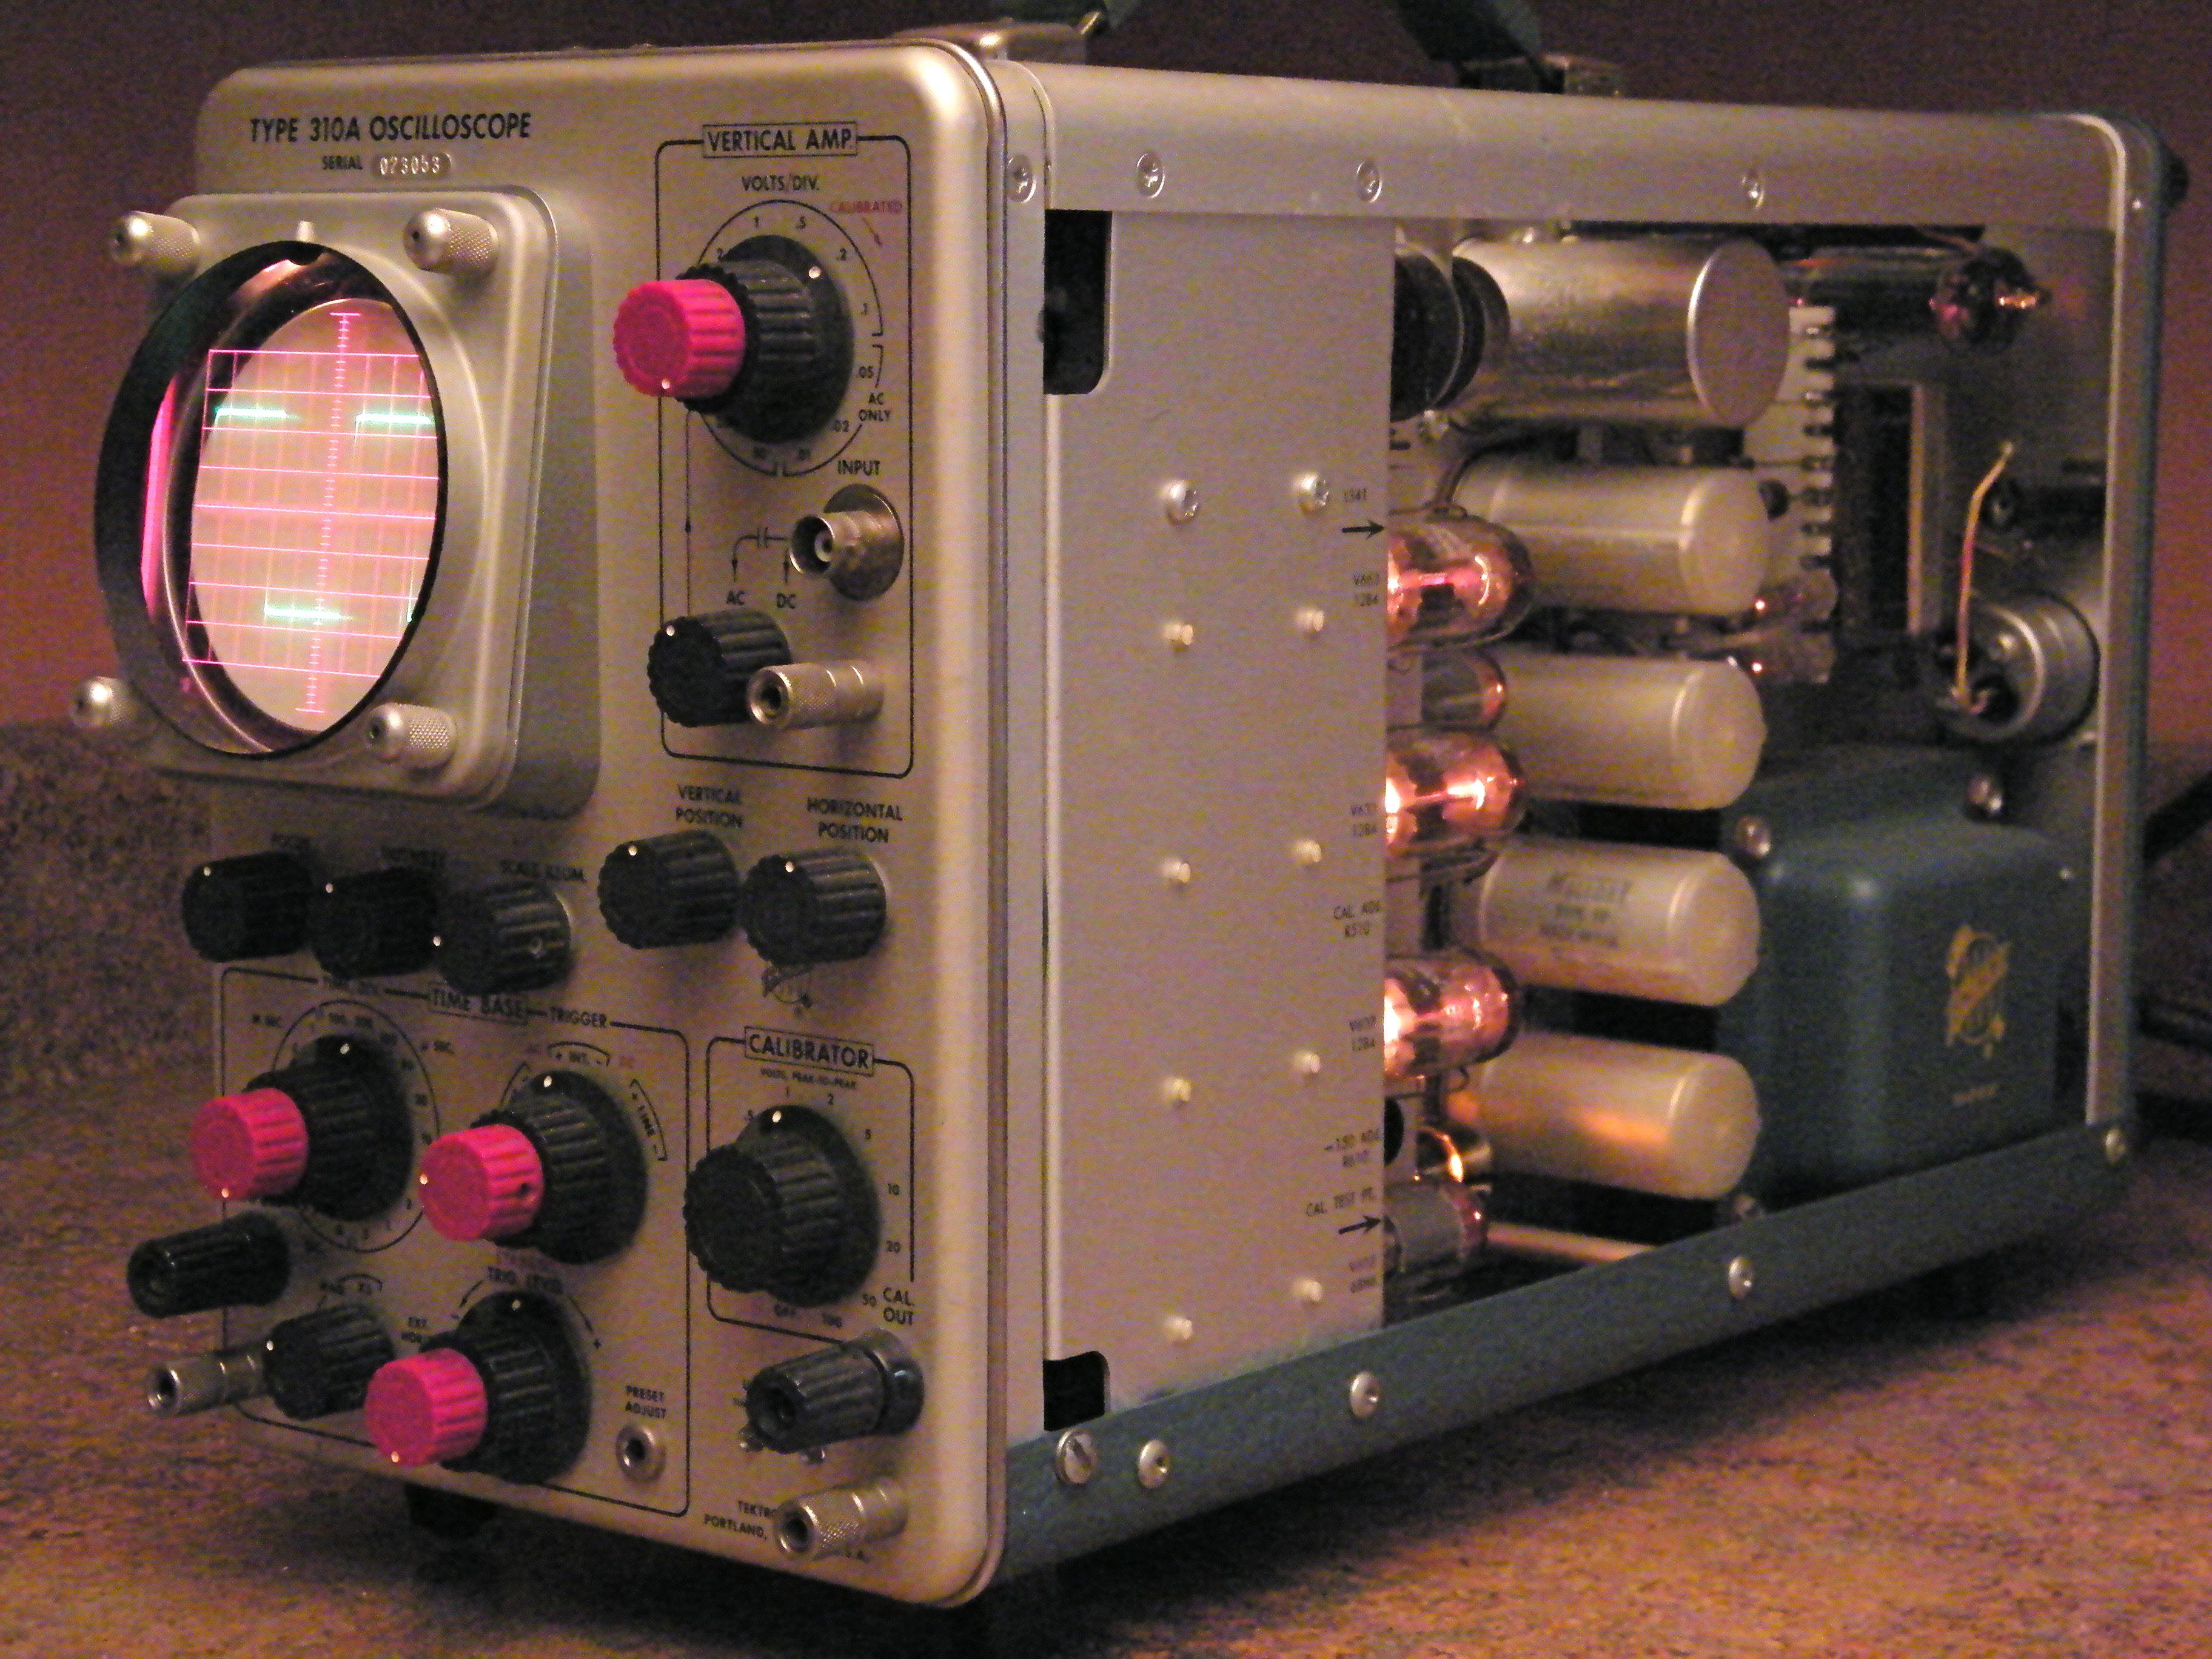 Vintage Oscilloscope Google Search Murgles In 2018 Control Pannel